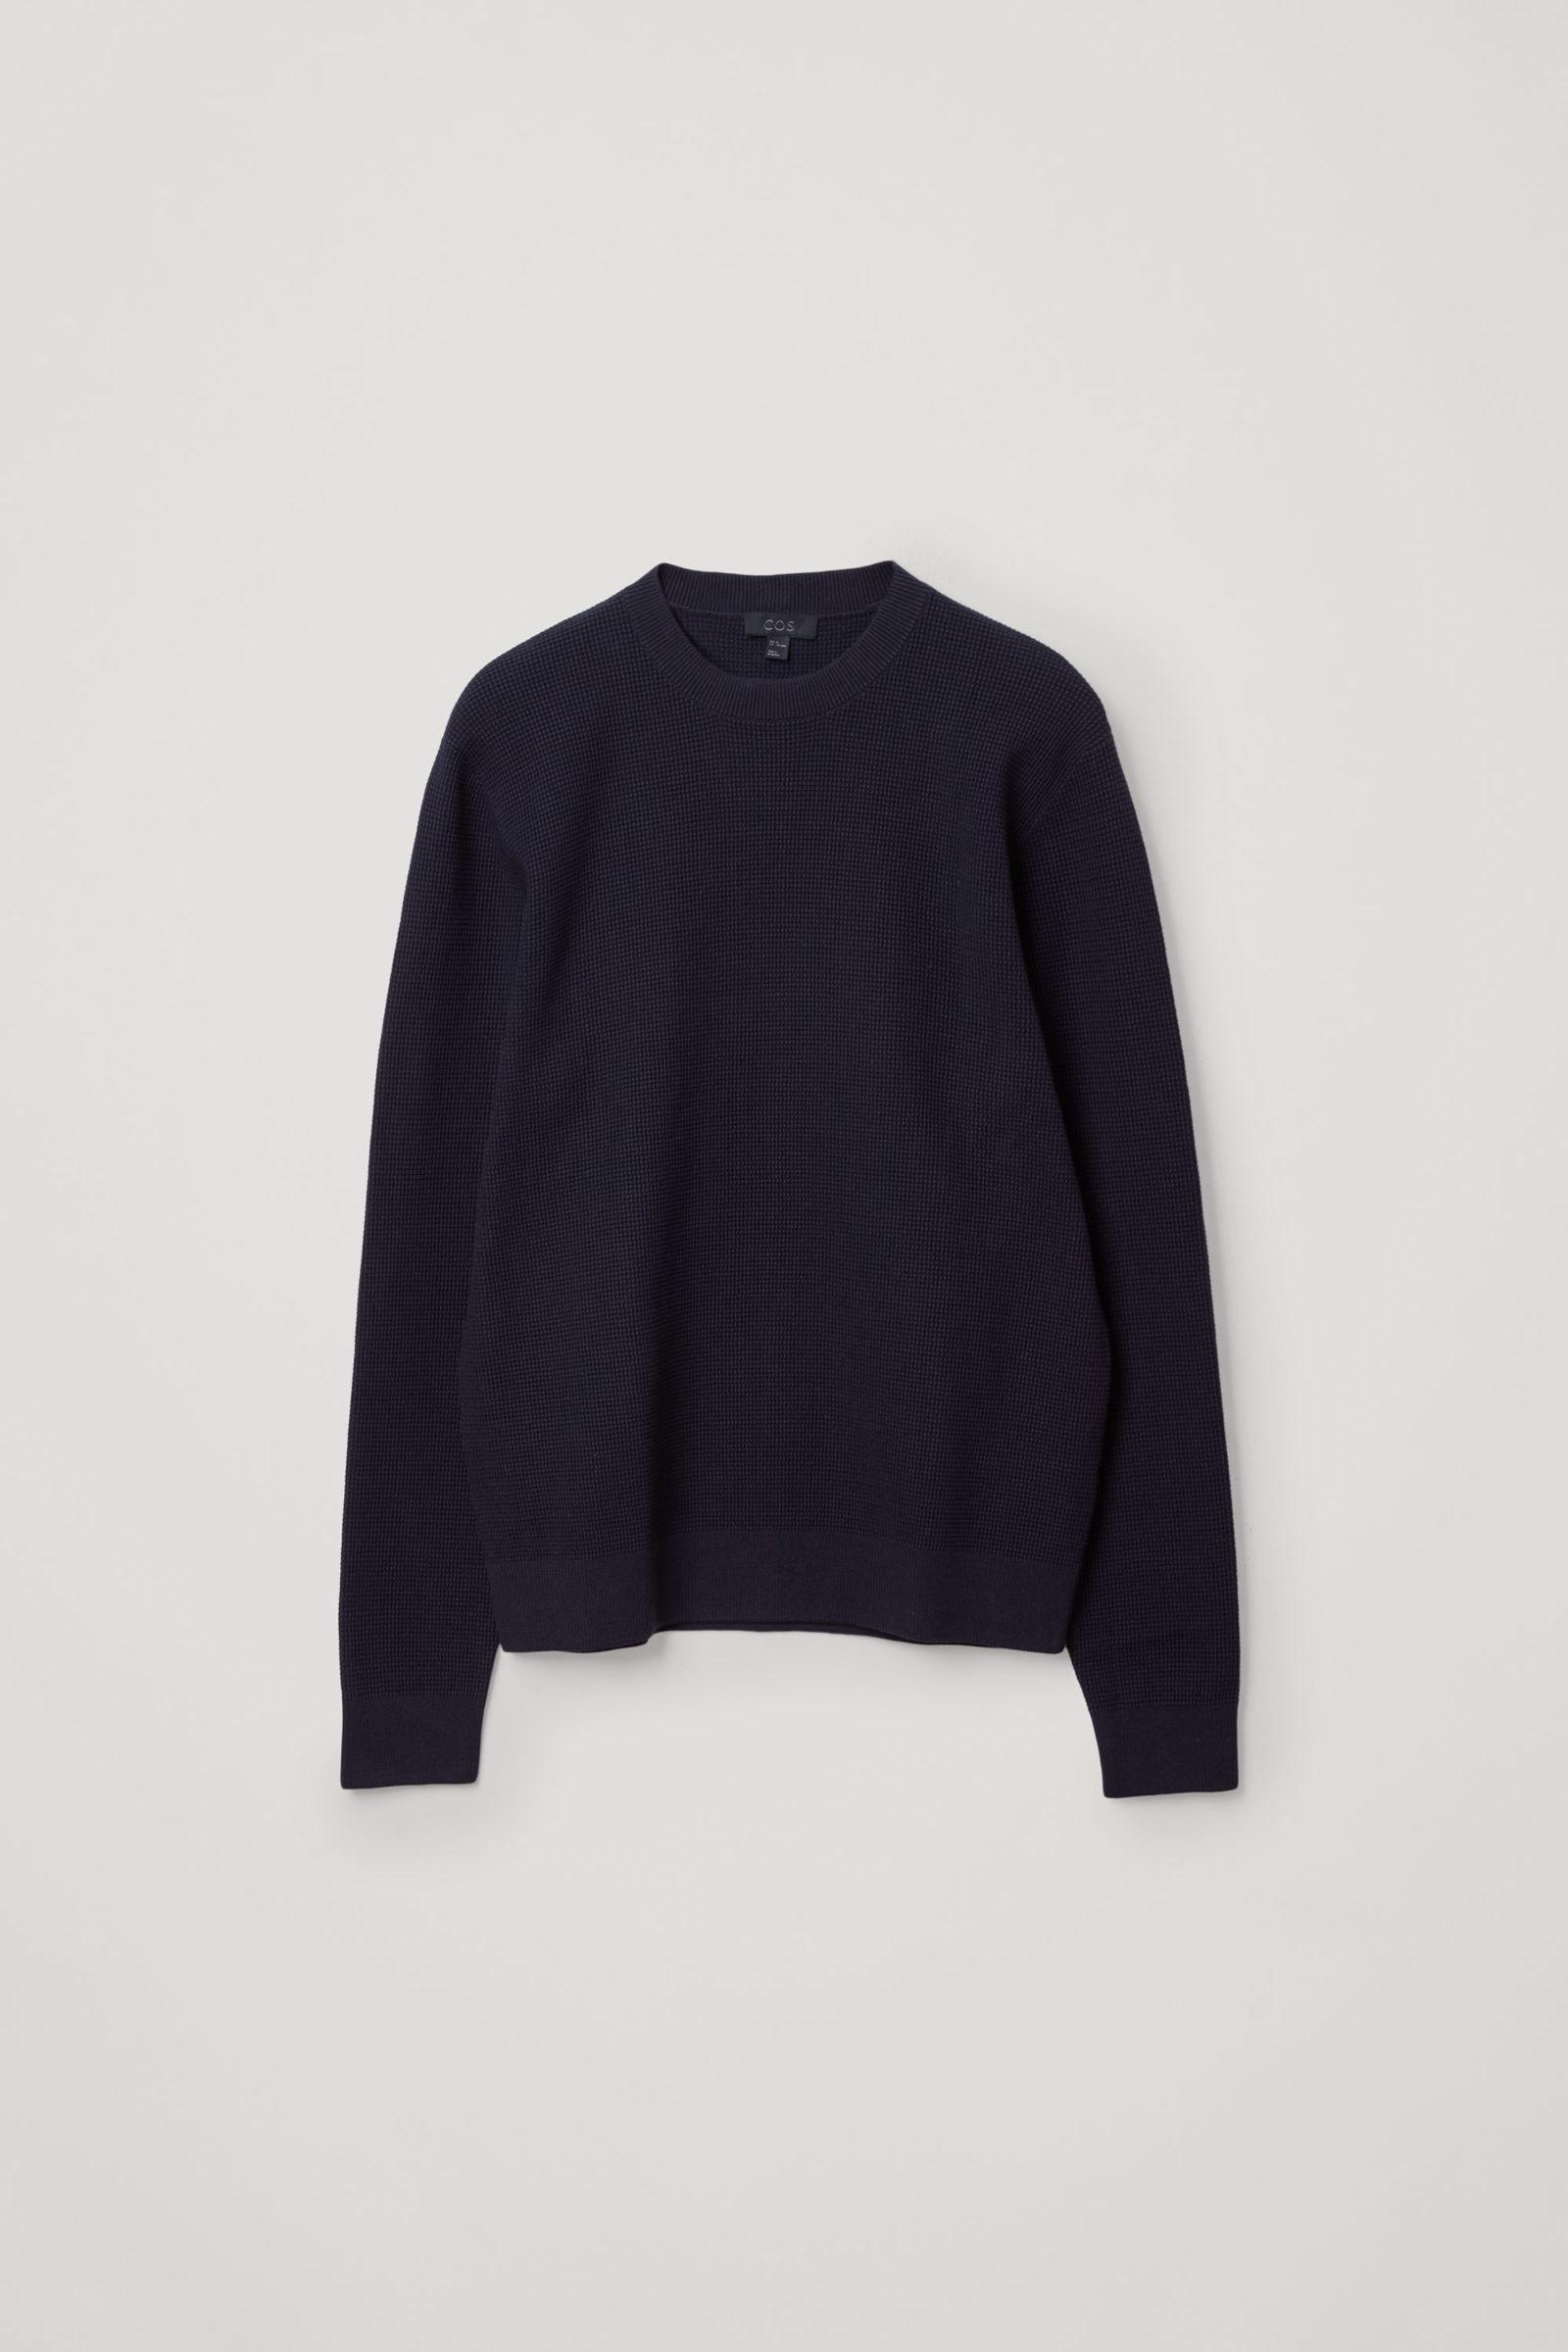 COS 텍스처드 니트 스웨터의 네이비컬러 Product입니다.